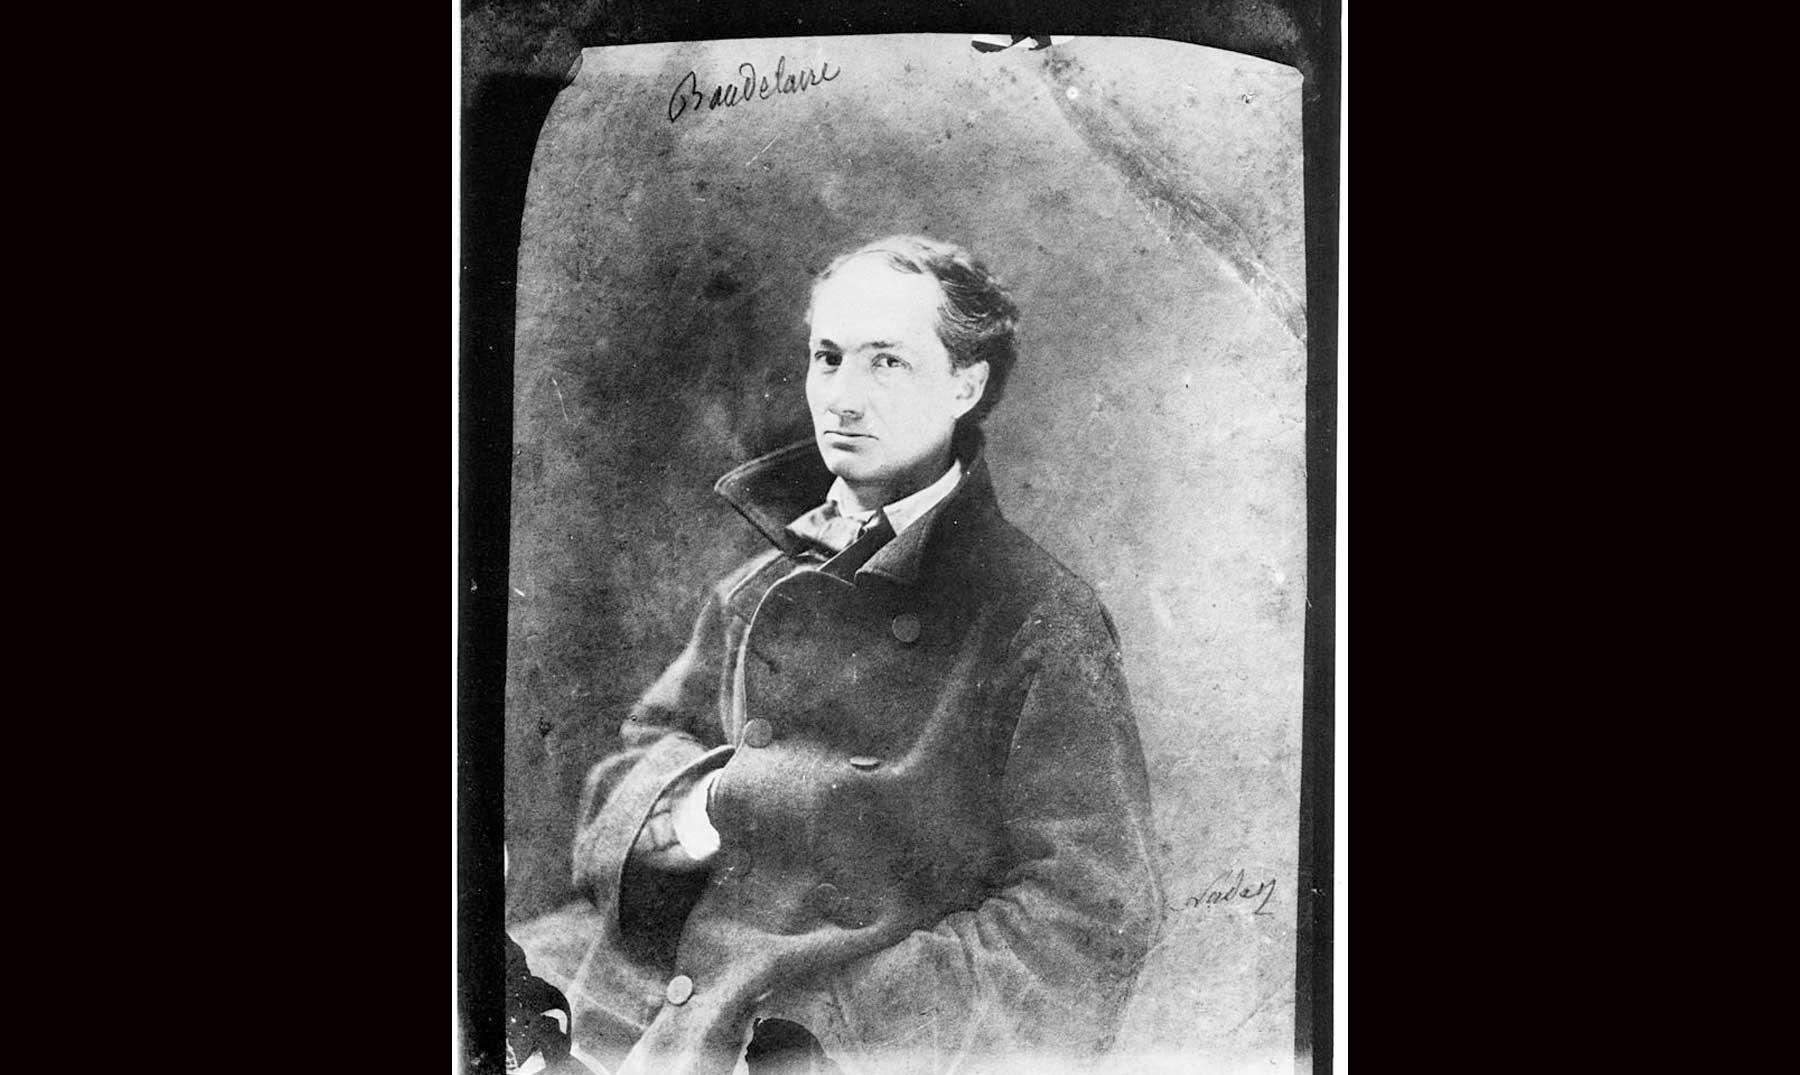 Retrato de Paganini. Delacroix 1832